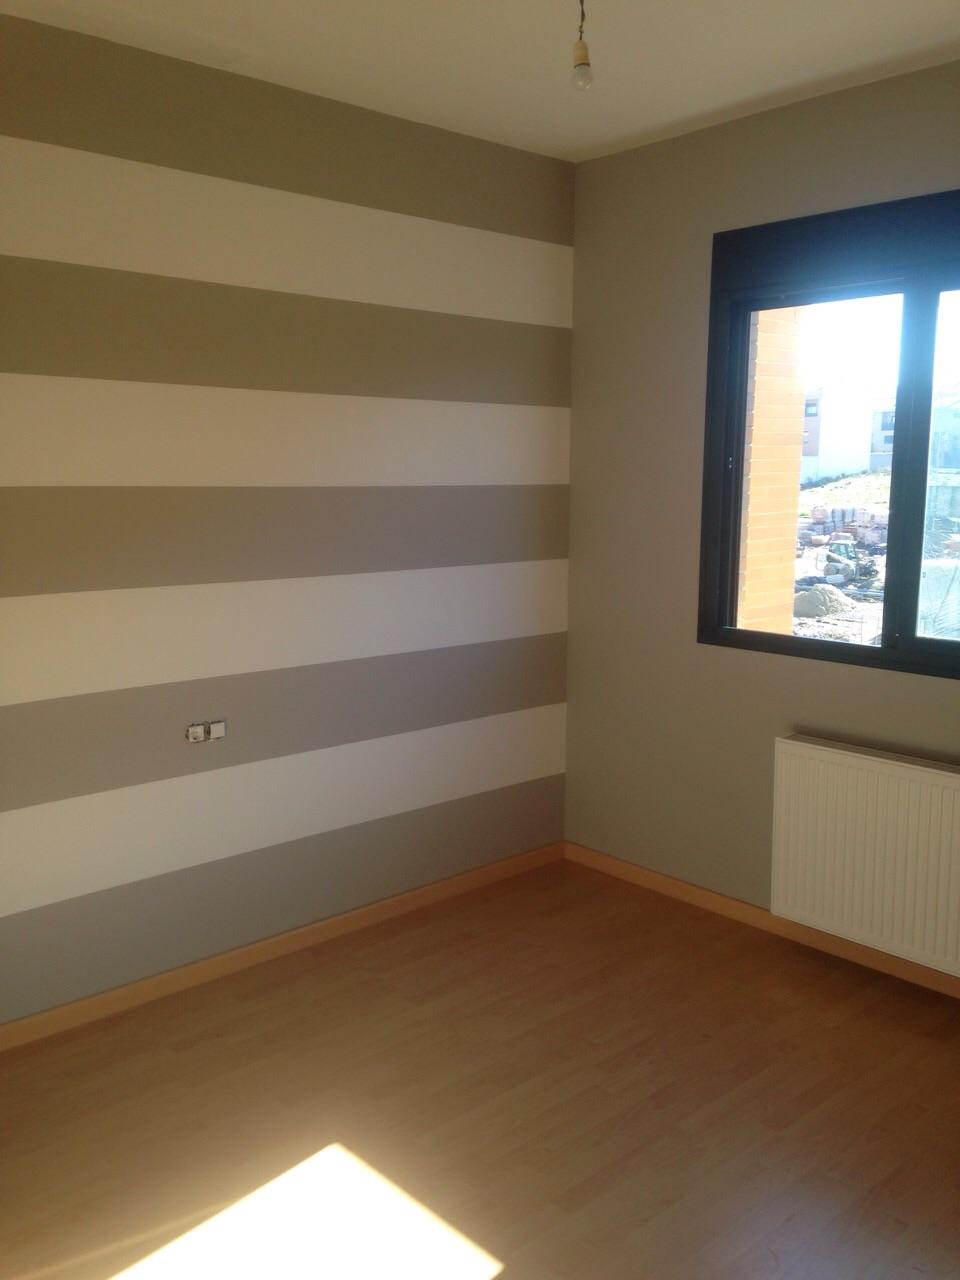 Tonos suaves decora tu casa con eli - Decoracion con pinturas en paredes ...